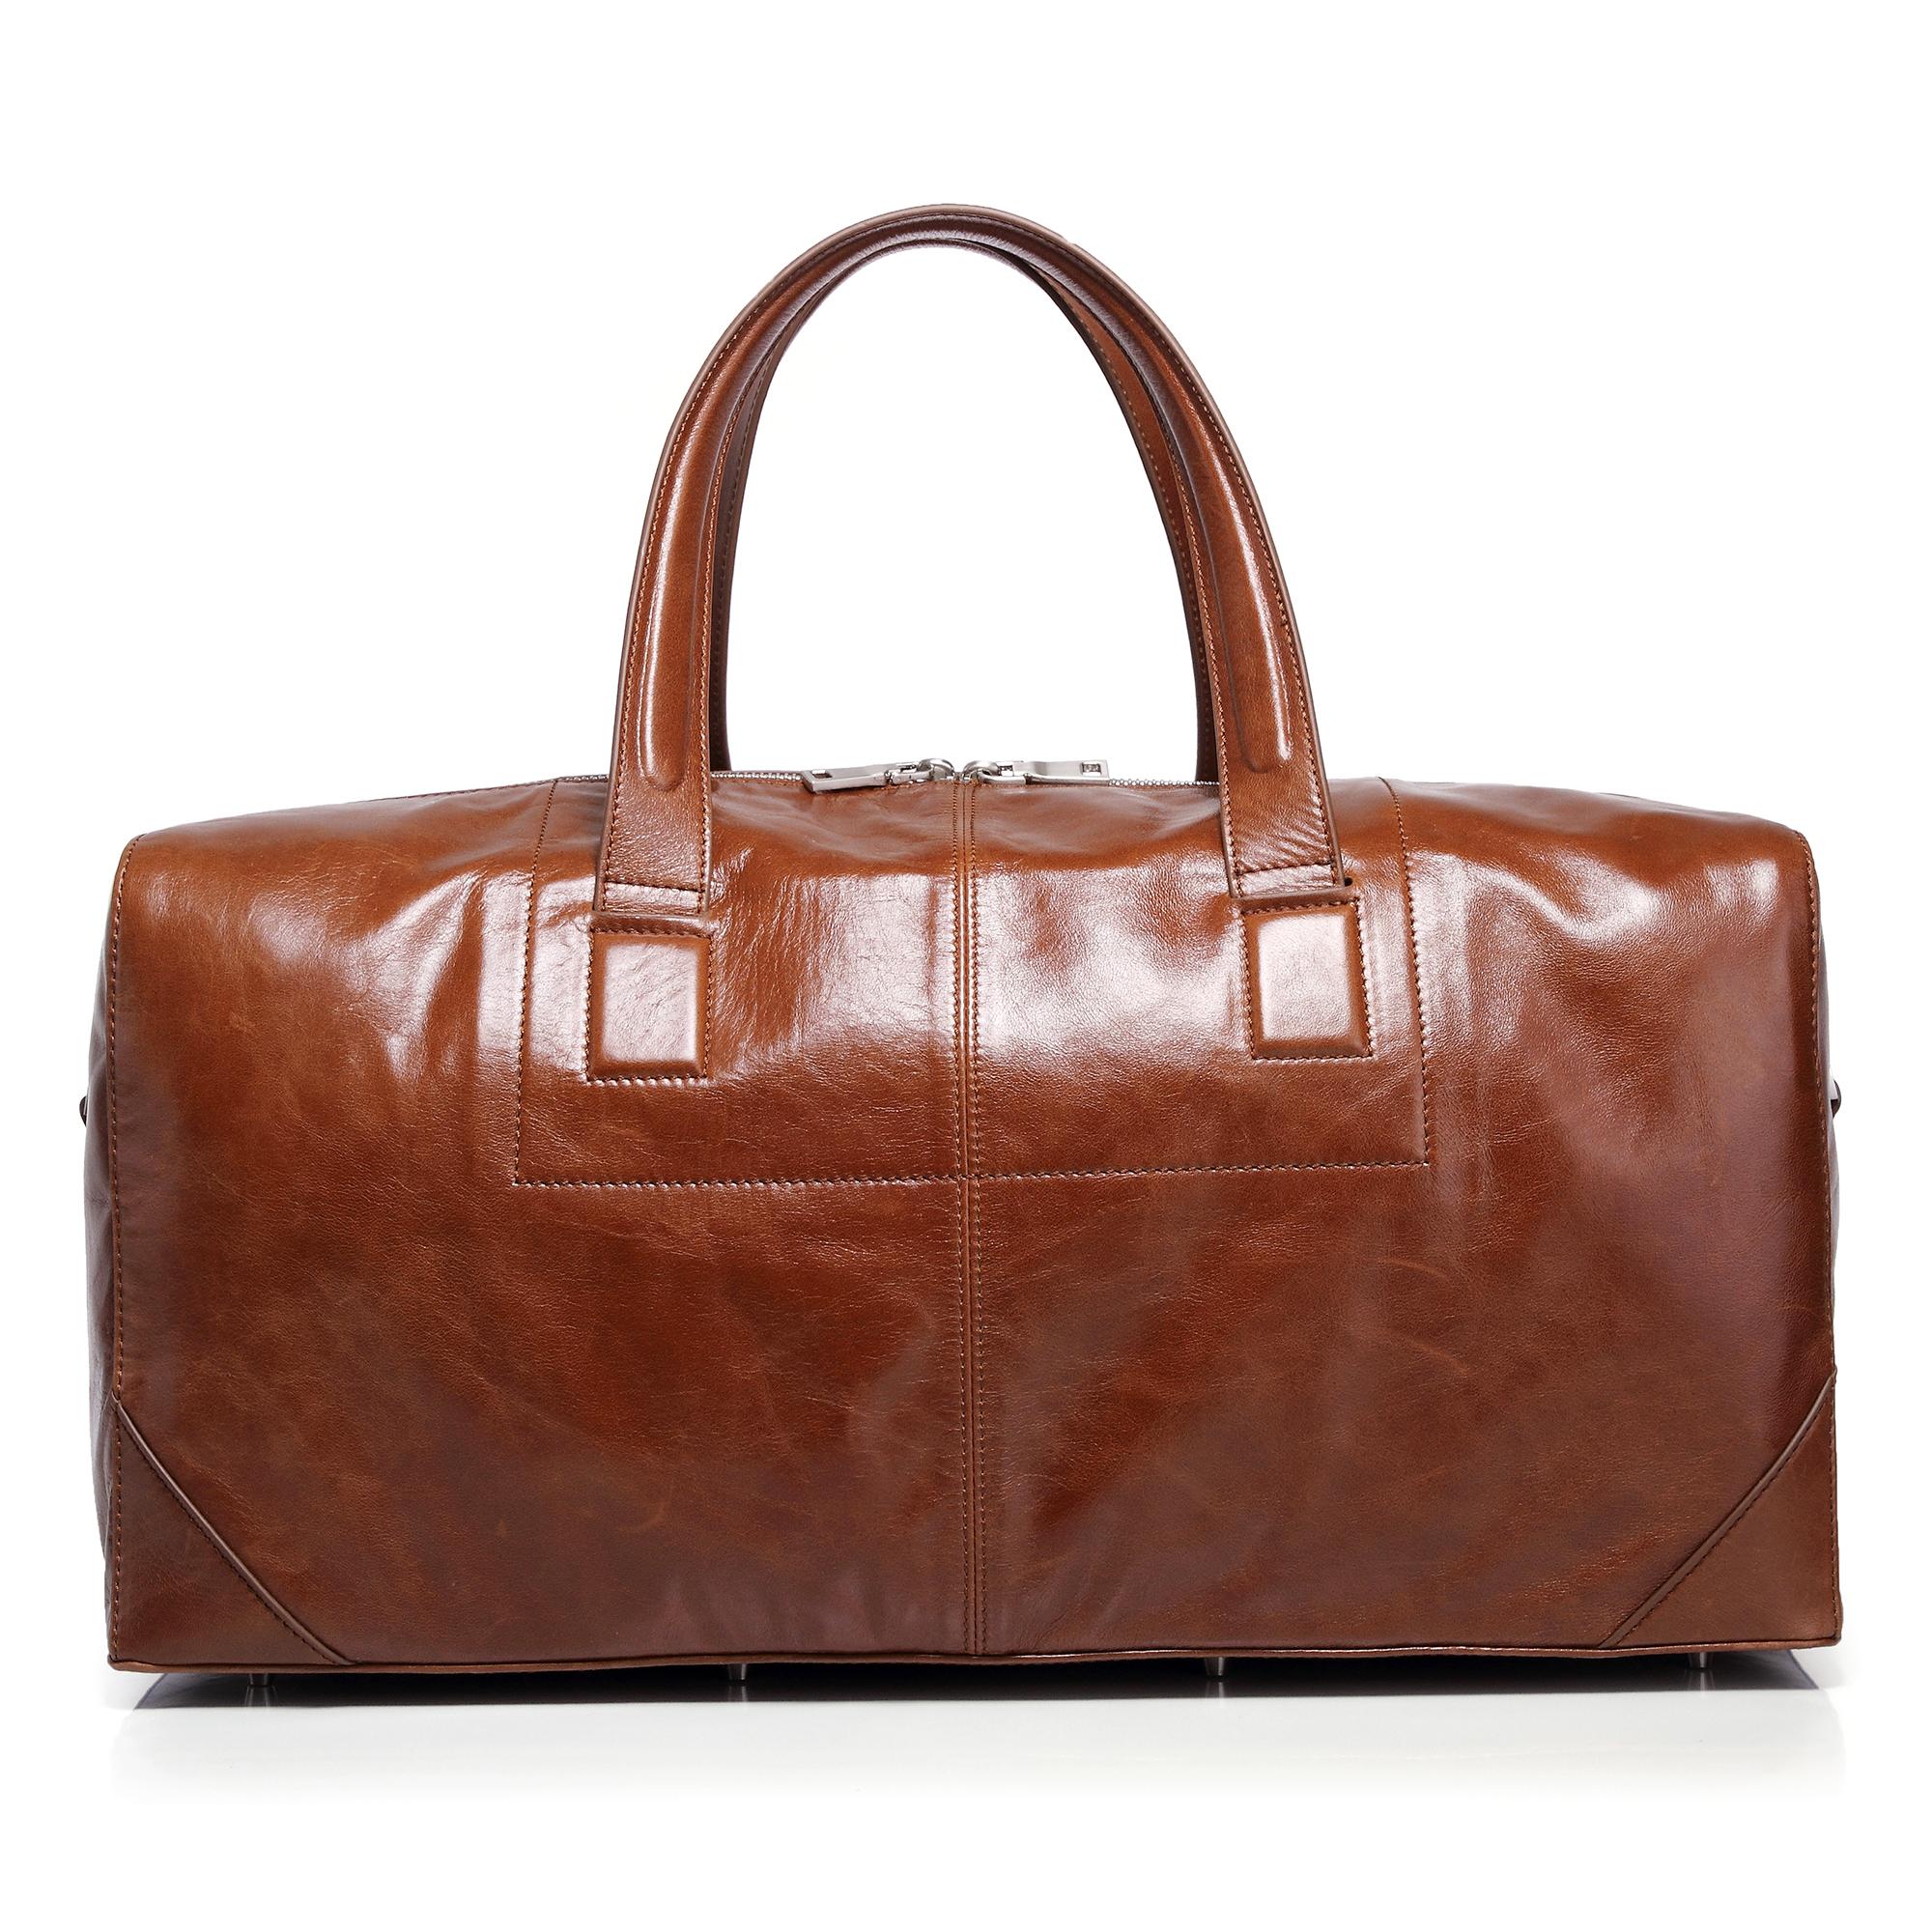 40a593d17252b Birçok Çinli spor deri çanta modelleri Toptancıdan Toptan fiyatına ...